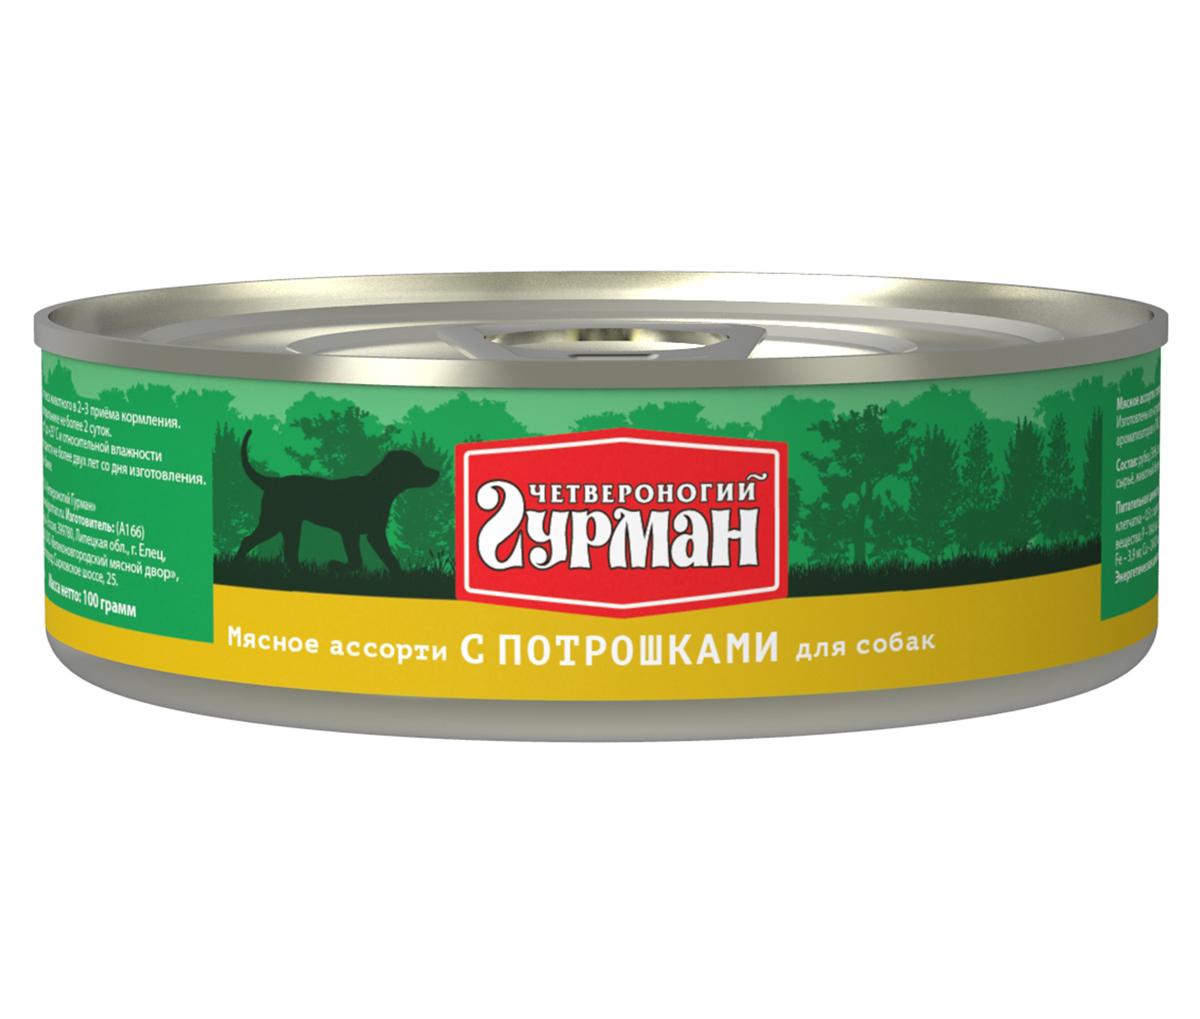 Консервы для собак Четвероногий гурман Мясное ассорти, с потрошками, 100 г. 103101008103101008Консервы для собак Четвероногий гурман Мясное ассорти - это влажный мясной корм суперпремиум класса, состоящий из разных сортов мяса и качественных субпродуктов. Корм не содержит синтетических витаминно-минеральных комплексов, злаков, бобовых и овощей. Никаких искусственных компонентов в составе: только натуральное, экологически чистое мясо от проверенных поставщиков. По консистенции продукт представляет собой кусочки из фарша размером 3-15 мм. В состав входит коллаген. Его компоненты (хондроитин и глюкозамин) положительно воздействуют на суставы питомца. Состав: рубец (36%), сердце (22%), легкое, печень, коллагенсодержащее сырье, животный белок, масло растительное, вода. Пищевая ценность (в 100 г продукта): протеин 10,5 г, жир 6 г, клетчатка 0,5 г, сырая зола 2 г, влага 80 г. Минеральные вещества: P 104,6 мг, Са 11,03 мг, Na 159,3 мг, Cl 209,2 мг, Mg 10,9 мг, Fe 3,9 мг, Cu 249,05 мкг, I 4,32 мкг. Витамины: А, E, В1, В2, B3, B5, B6. Энергетическая ценность (на 100 г): 98 ккал. Товар сертифицирован.